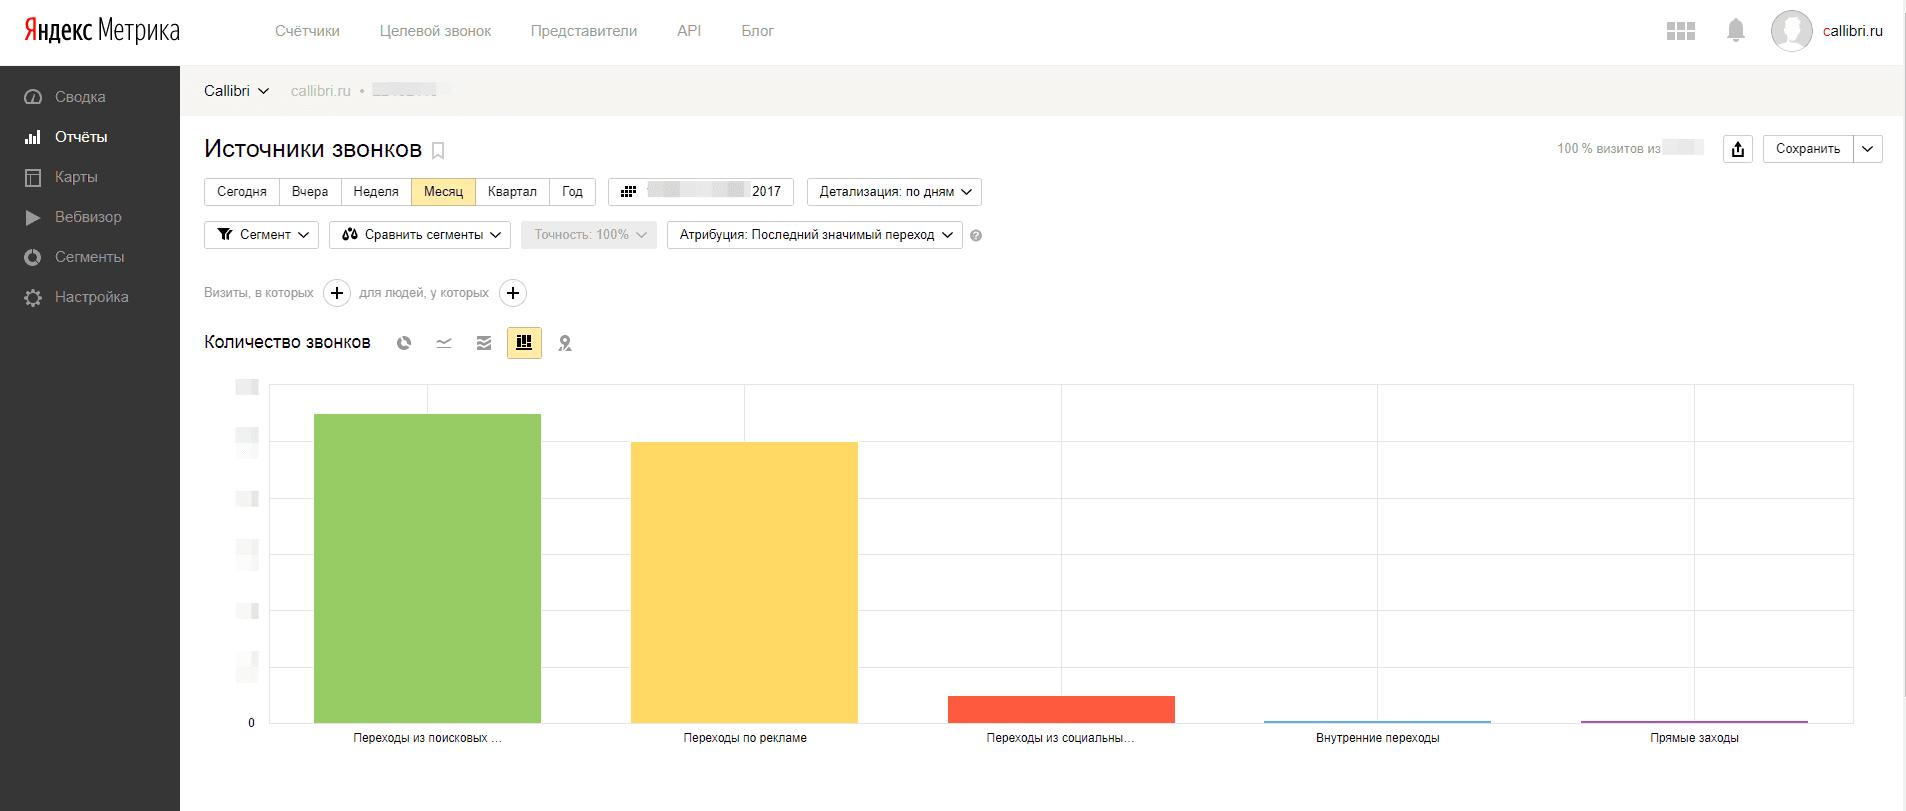 Отчет Источники звонков.png